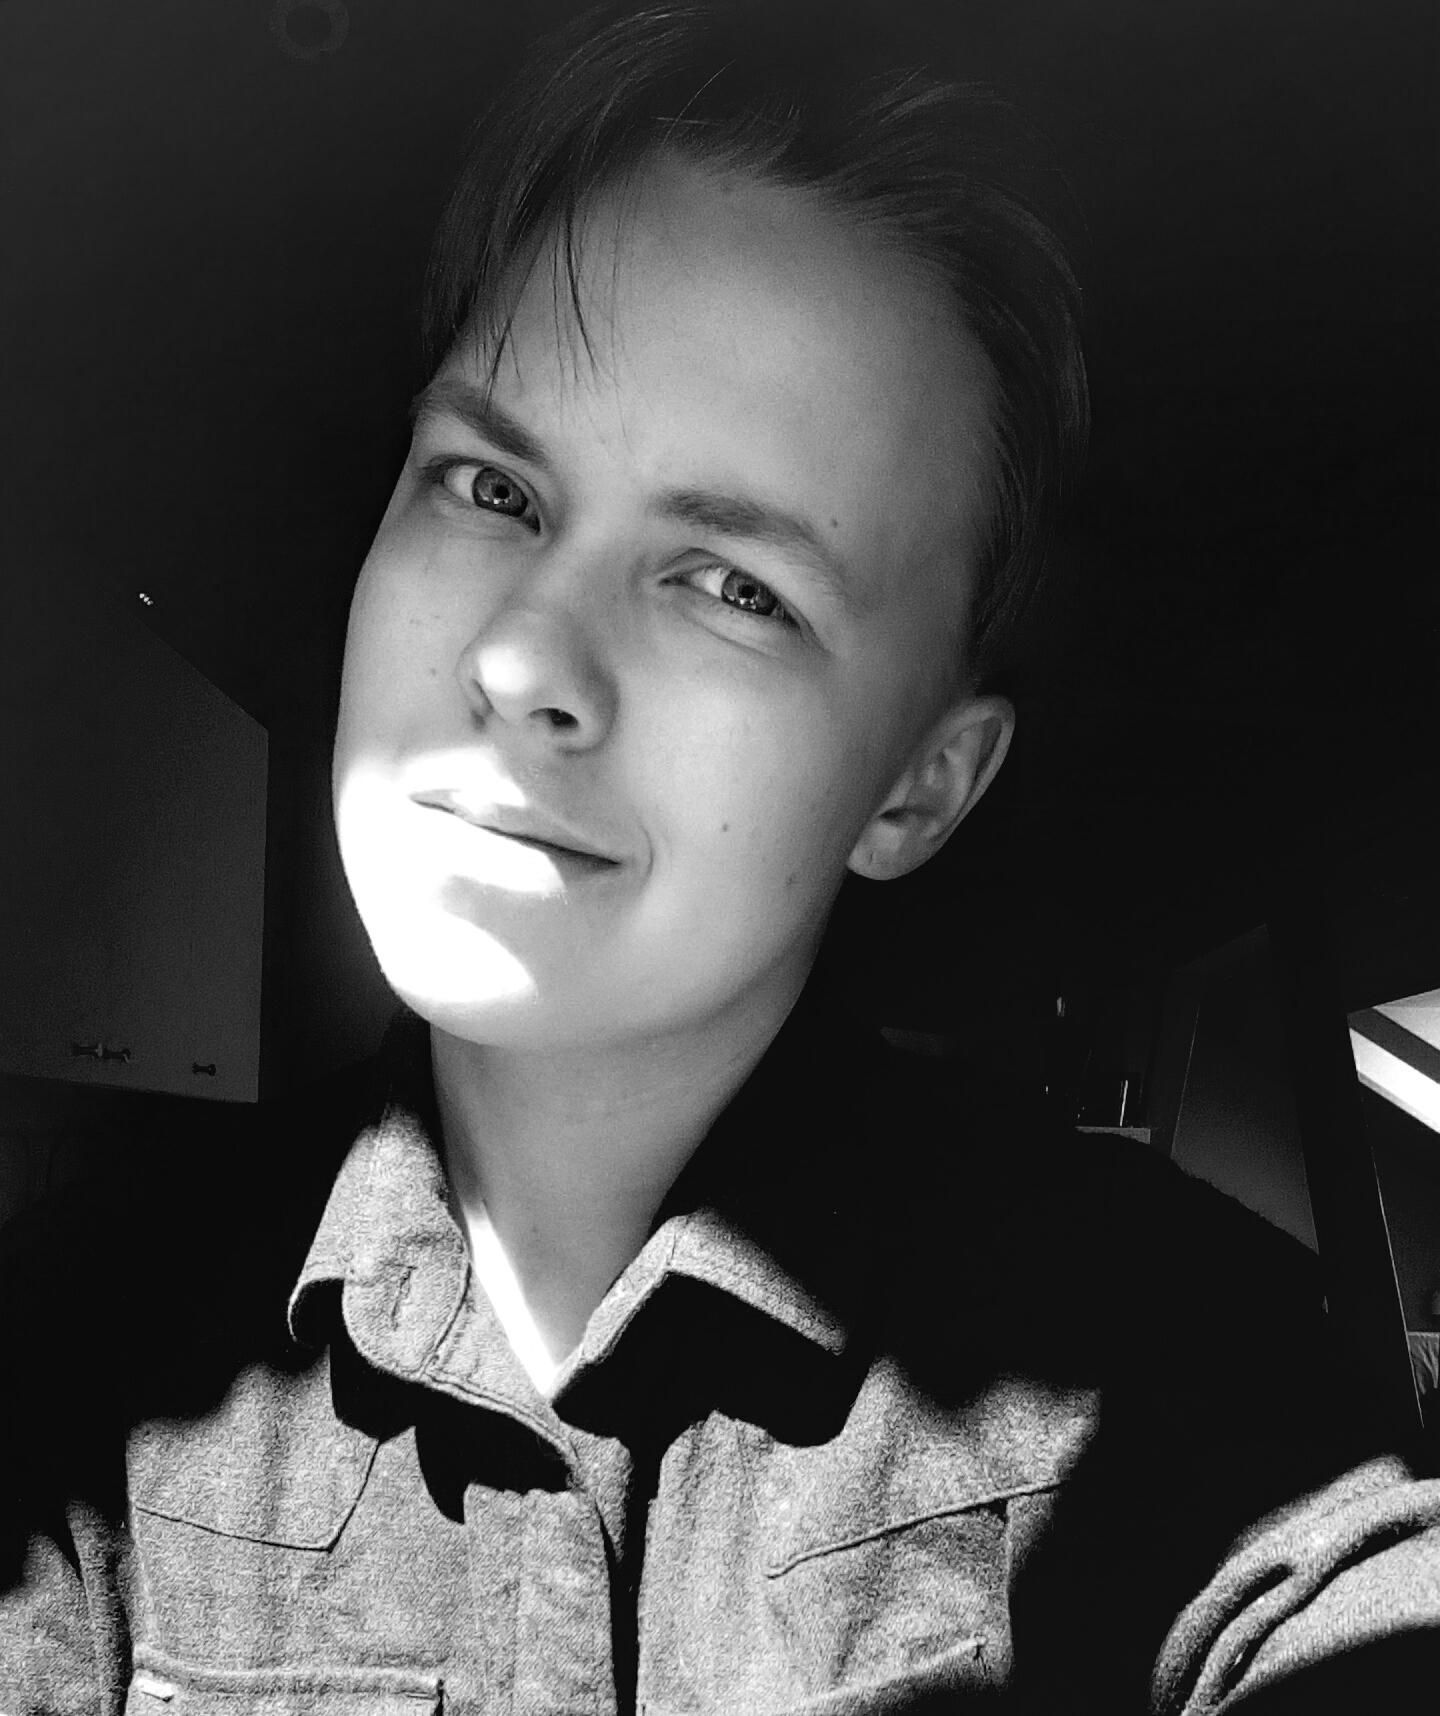 KUURA JANHUNEN, 19, HELSINKI